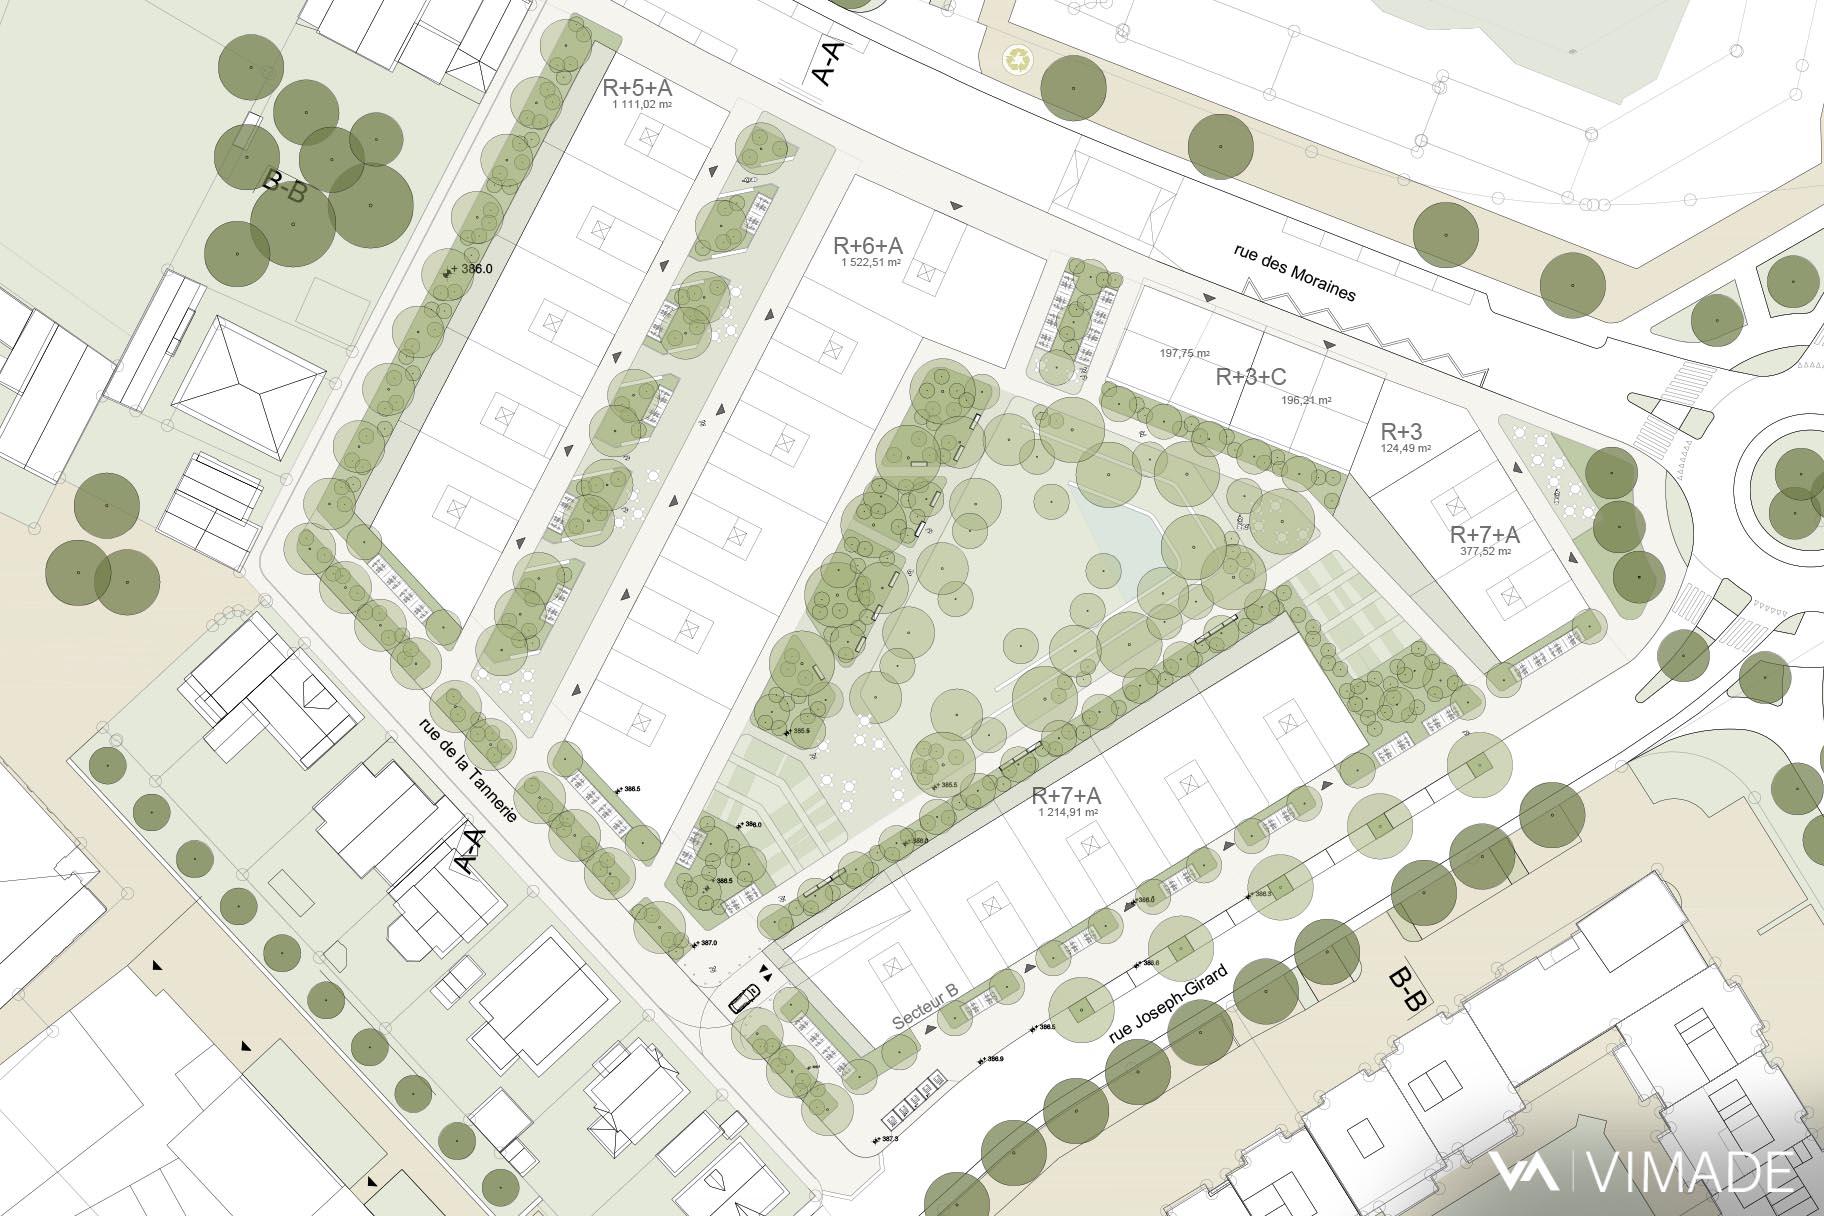 Image directrice plan localisé de quartier Tannerie Guillocheur à Carouge par le bureau VIMADE Architectes paysagistes Genève.